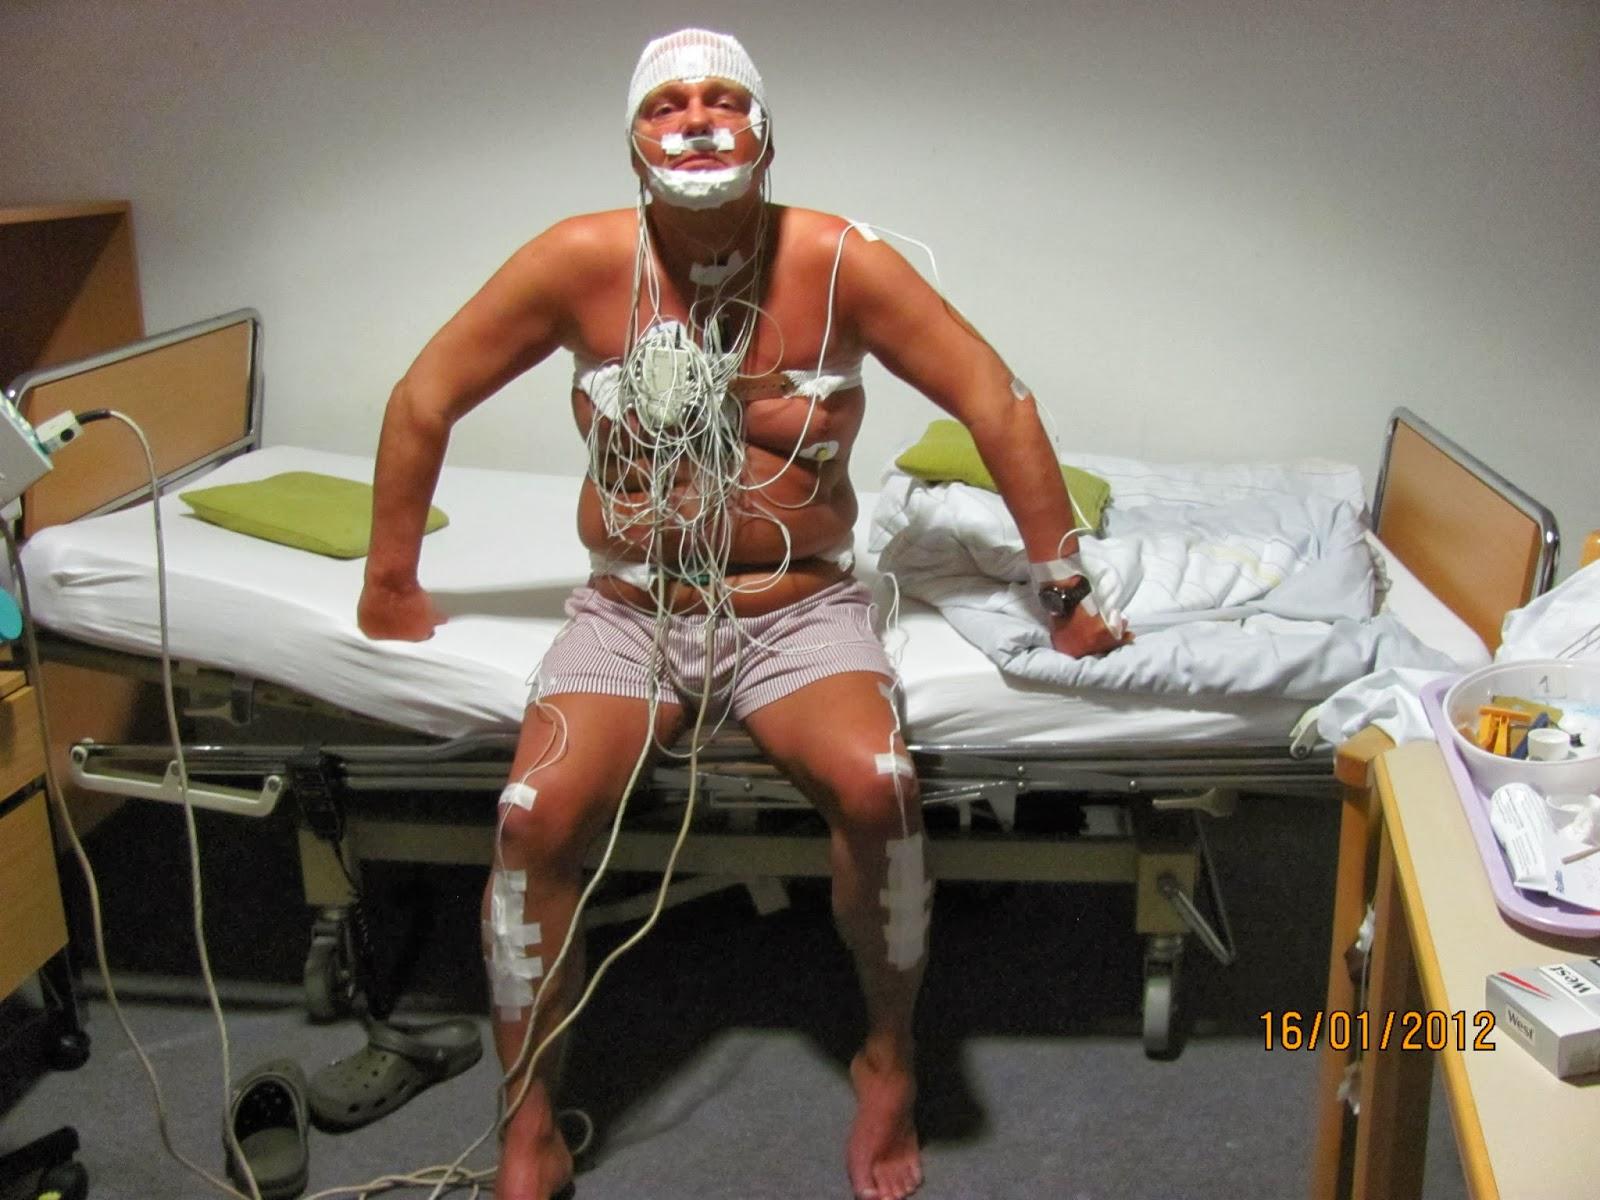 bezahlt schlaflabor die krankenkasse